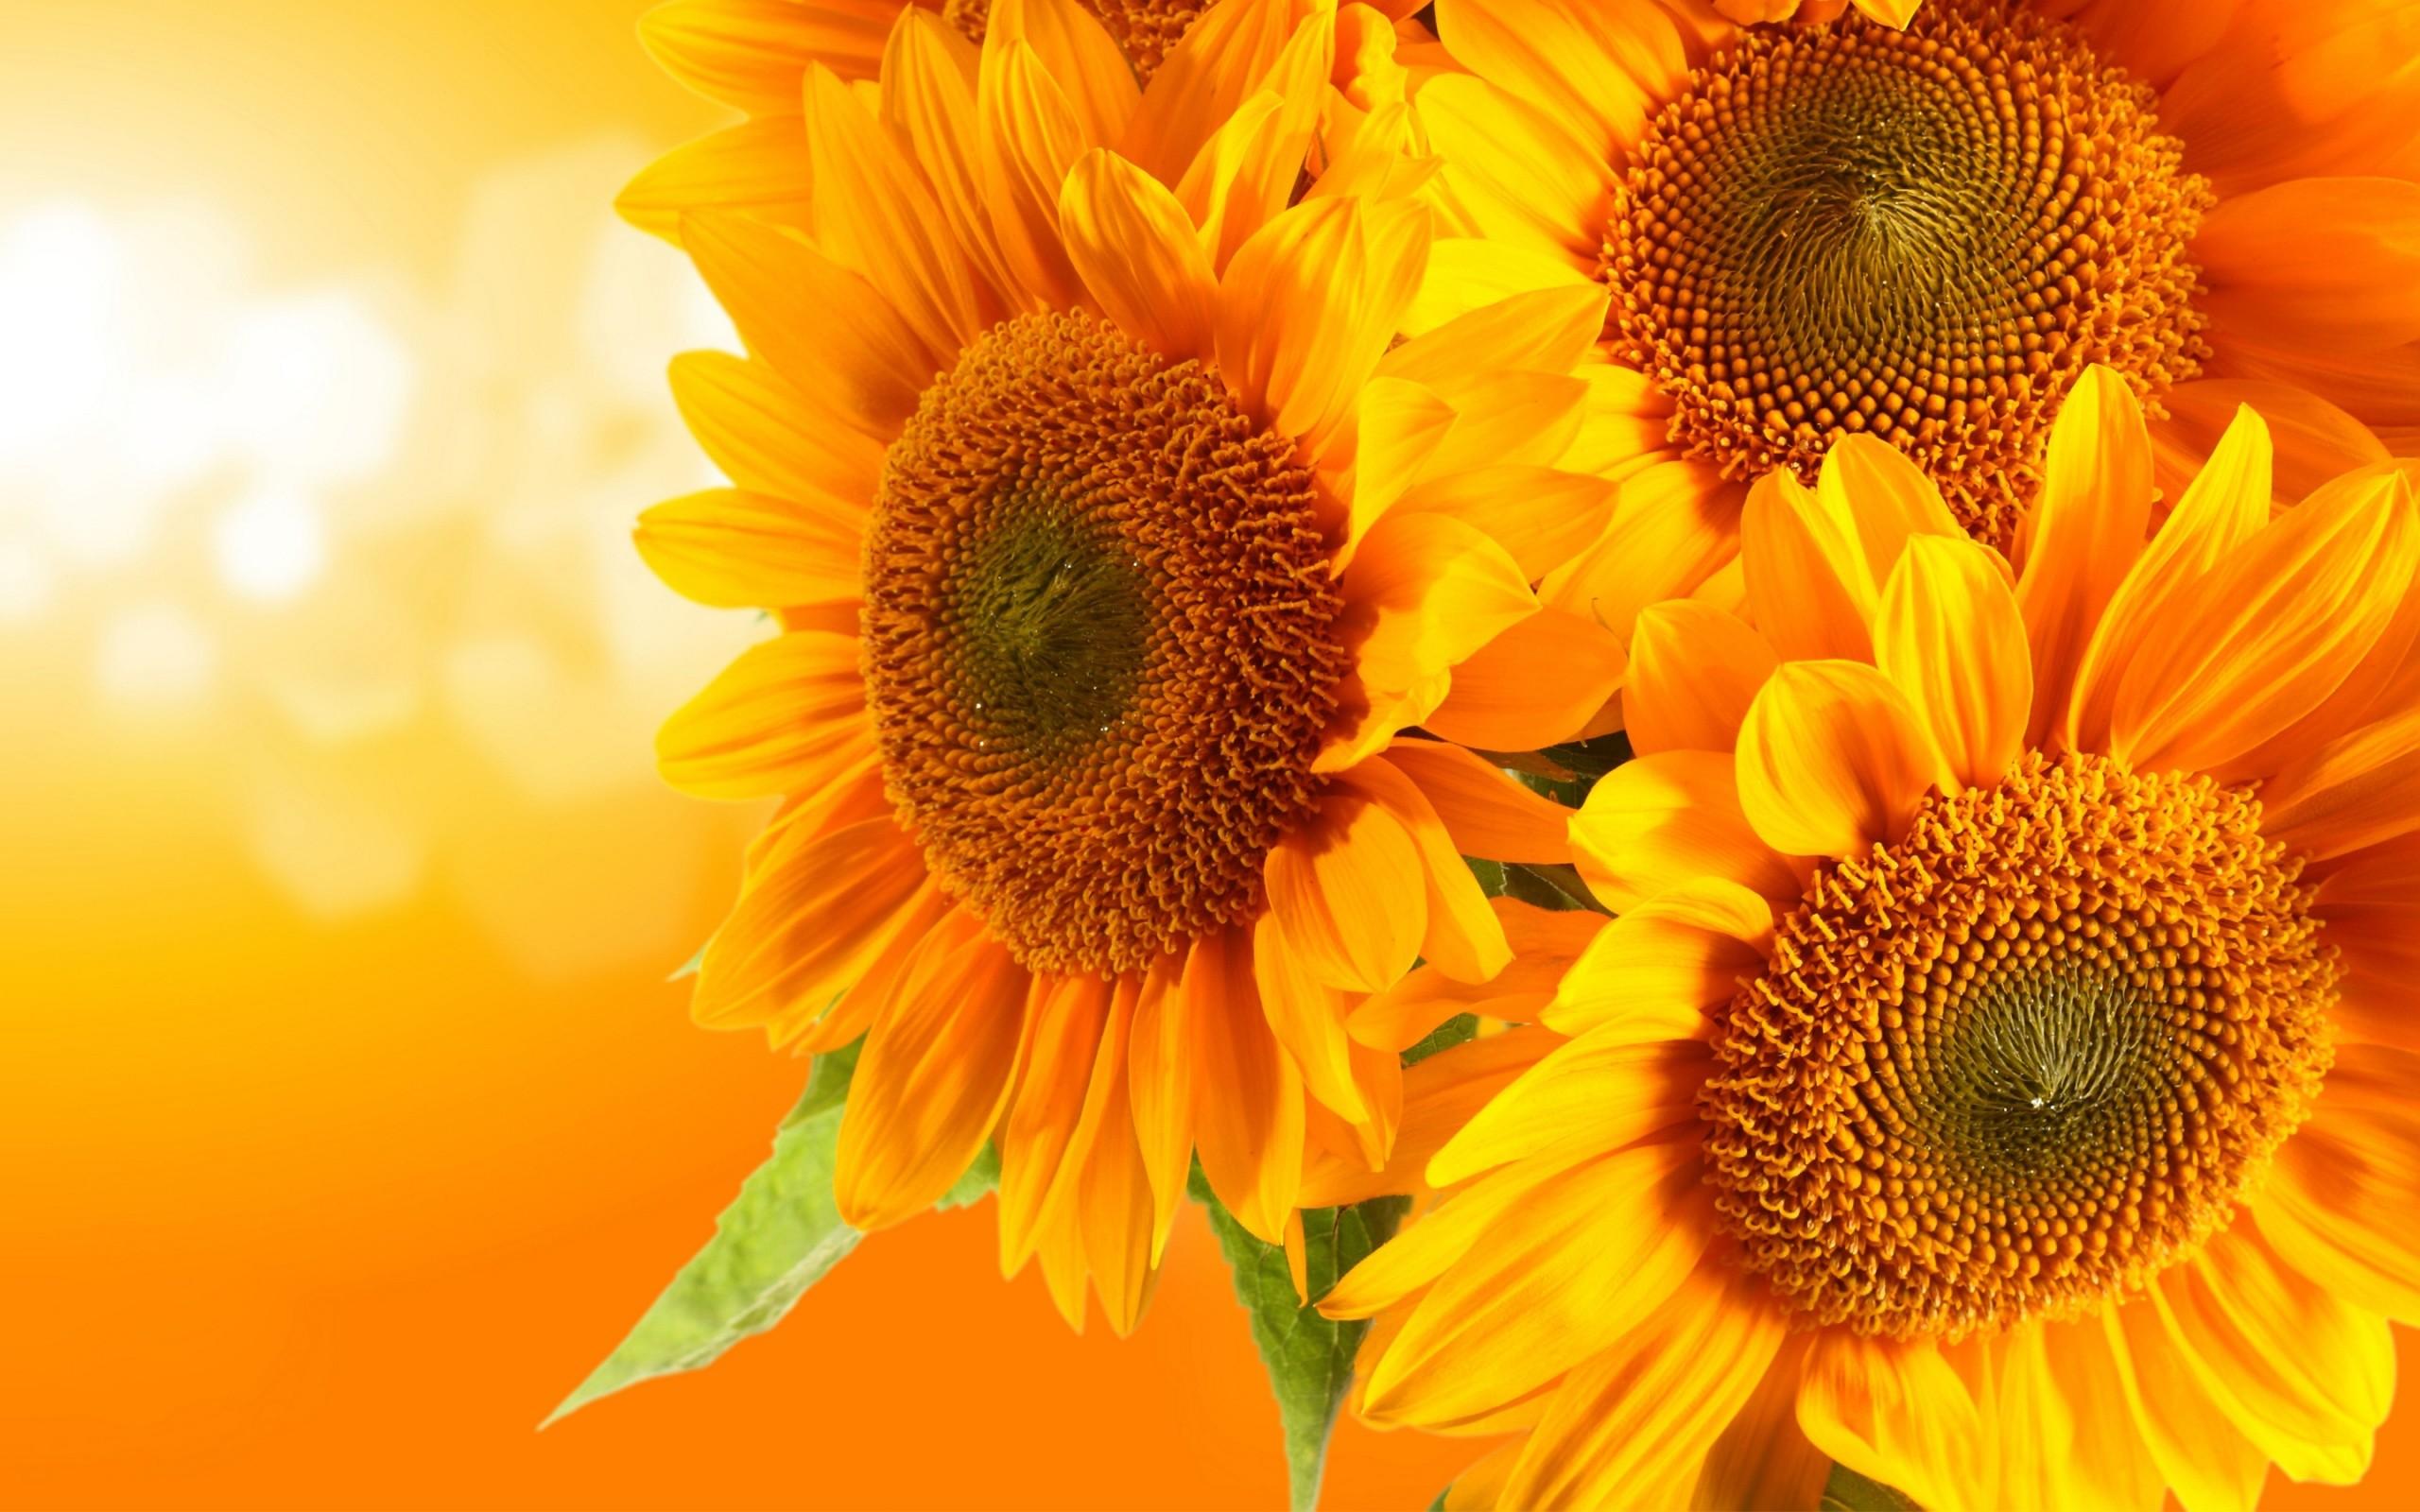 Hình nền màu vàng ba đóa hoa hướng dương cực đẹp